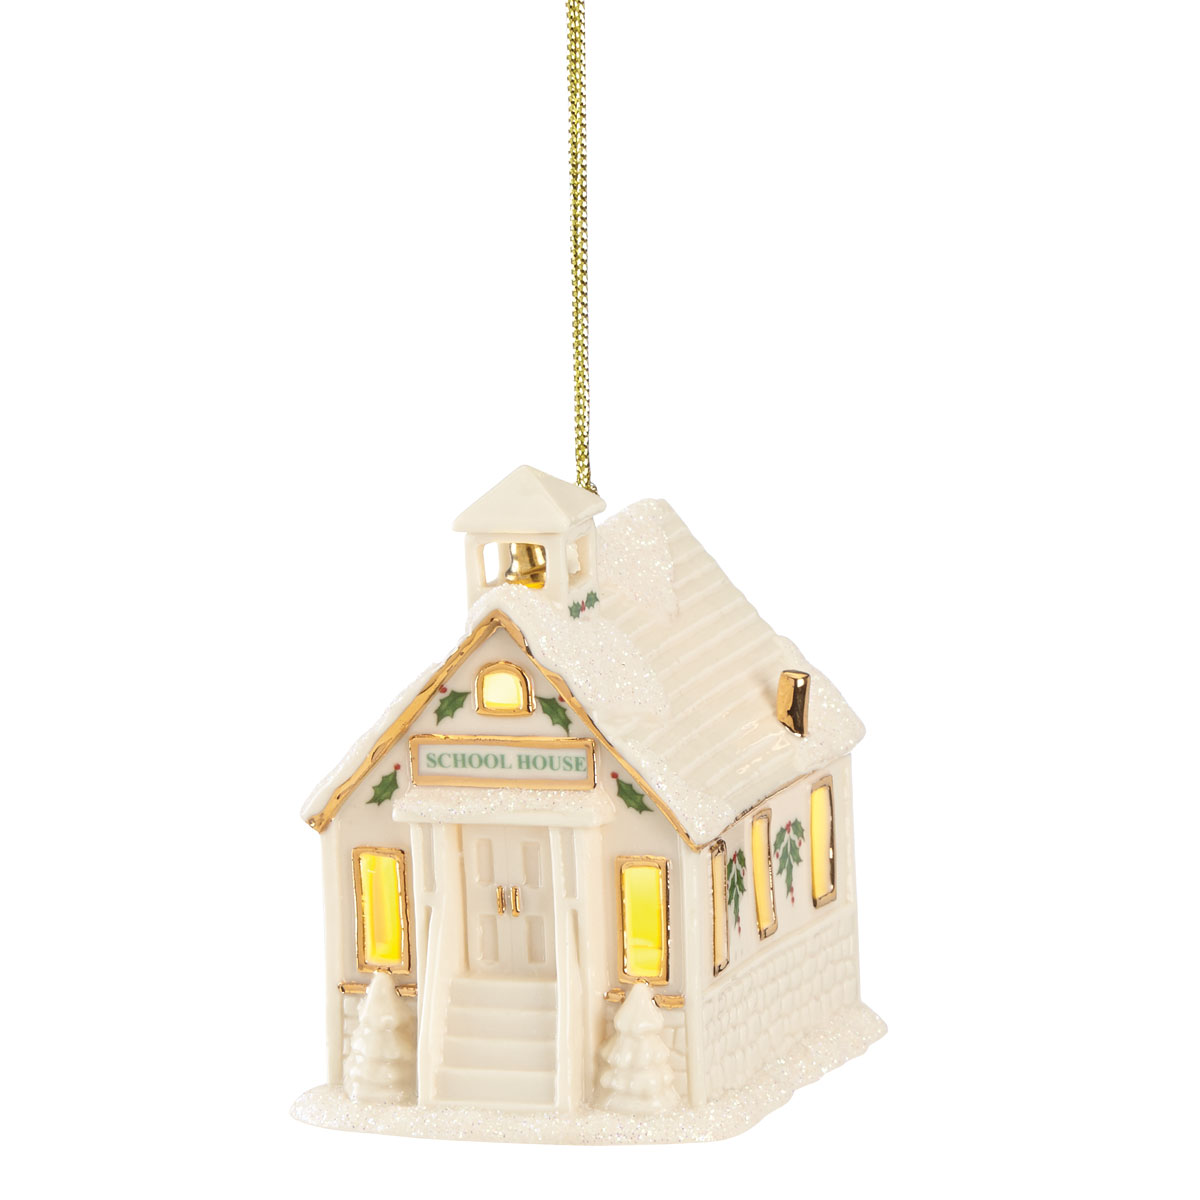 Lenox 2021 Christmas Village Lit Schoolhouse Ornament